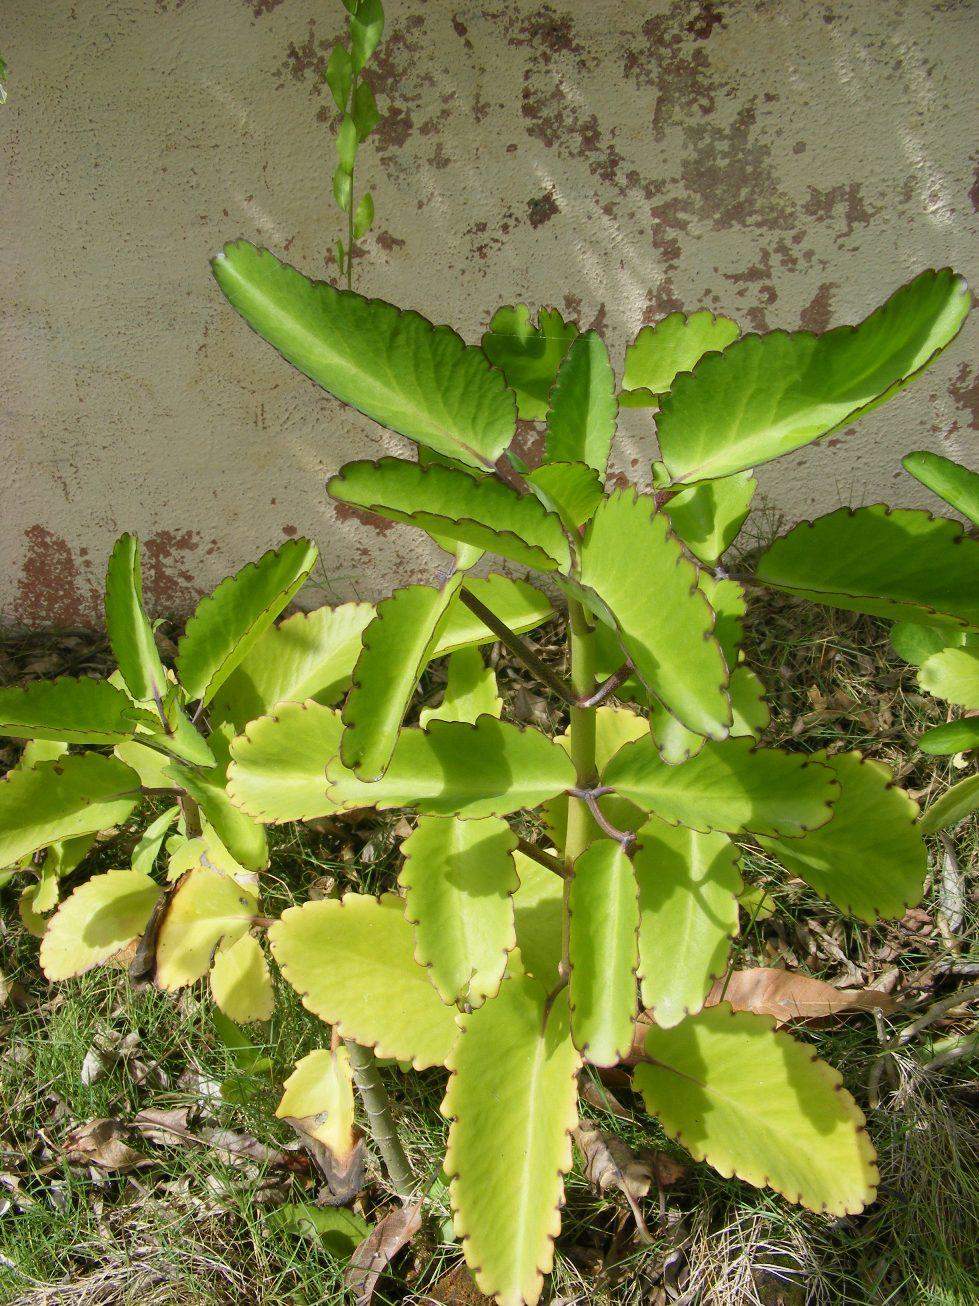 File:Kalanchoe pinnata Bryophyllum Thane Maharashtra DSCF7907 (1).JPG ... Kalanchoe Pinnata